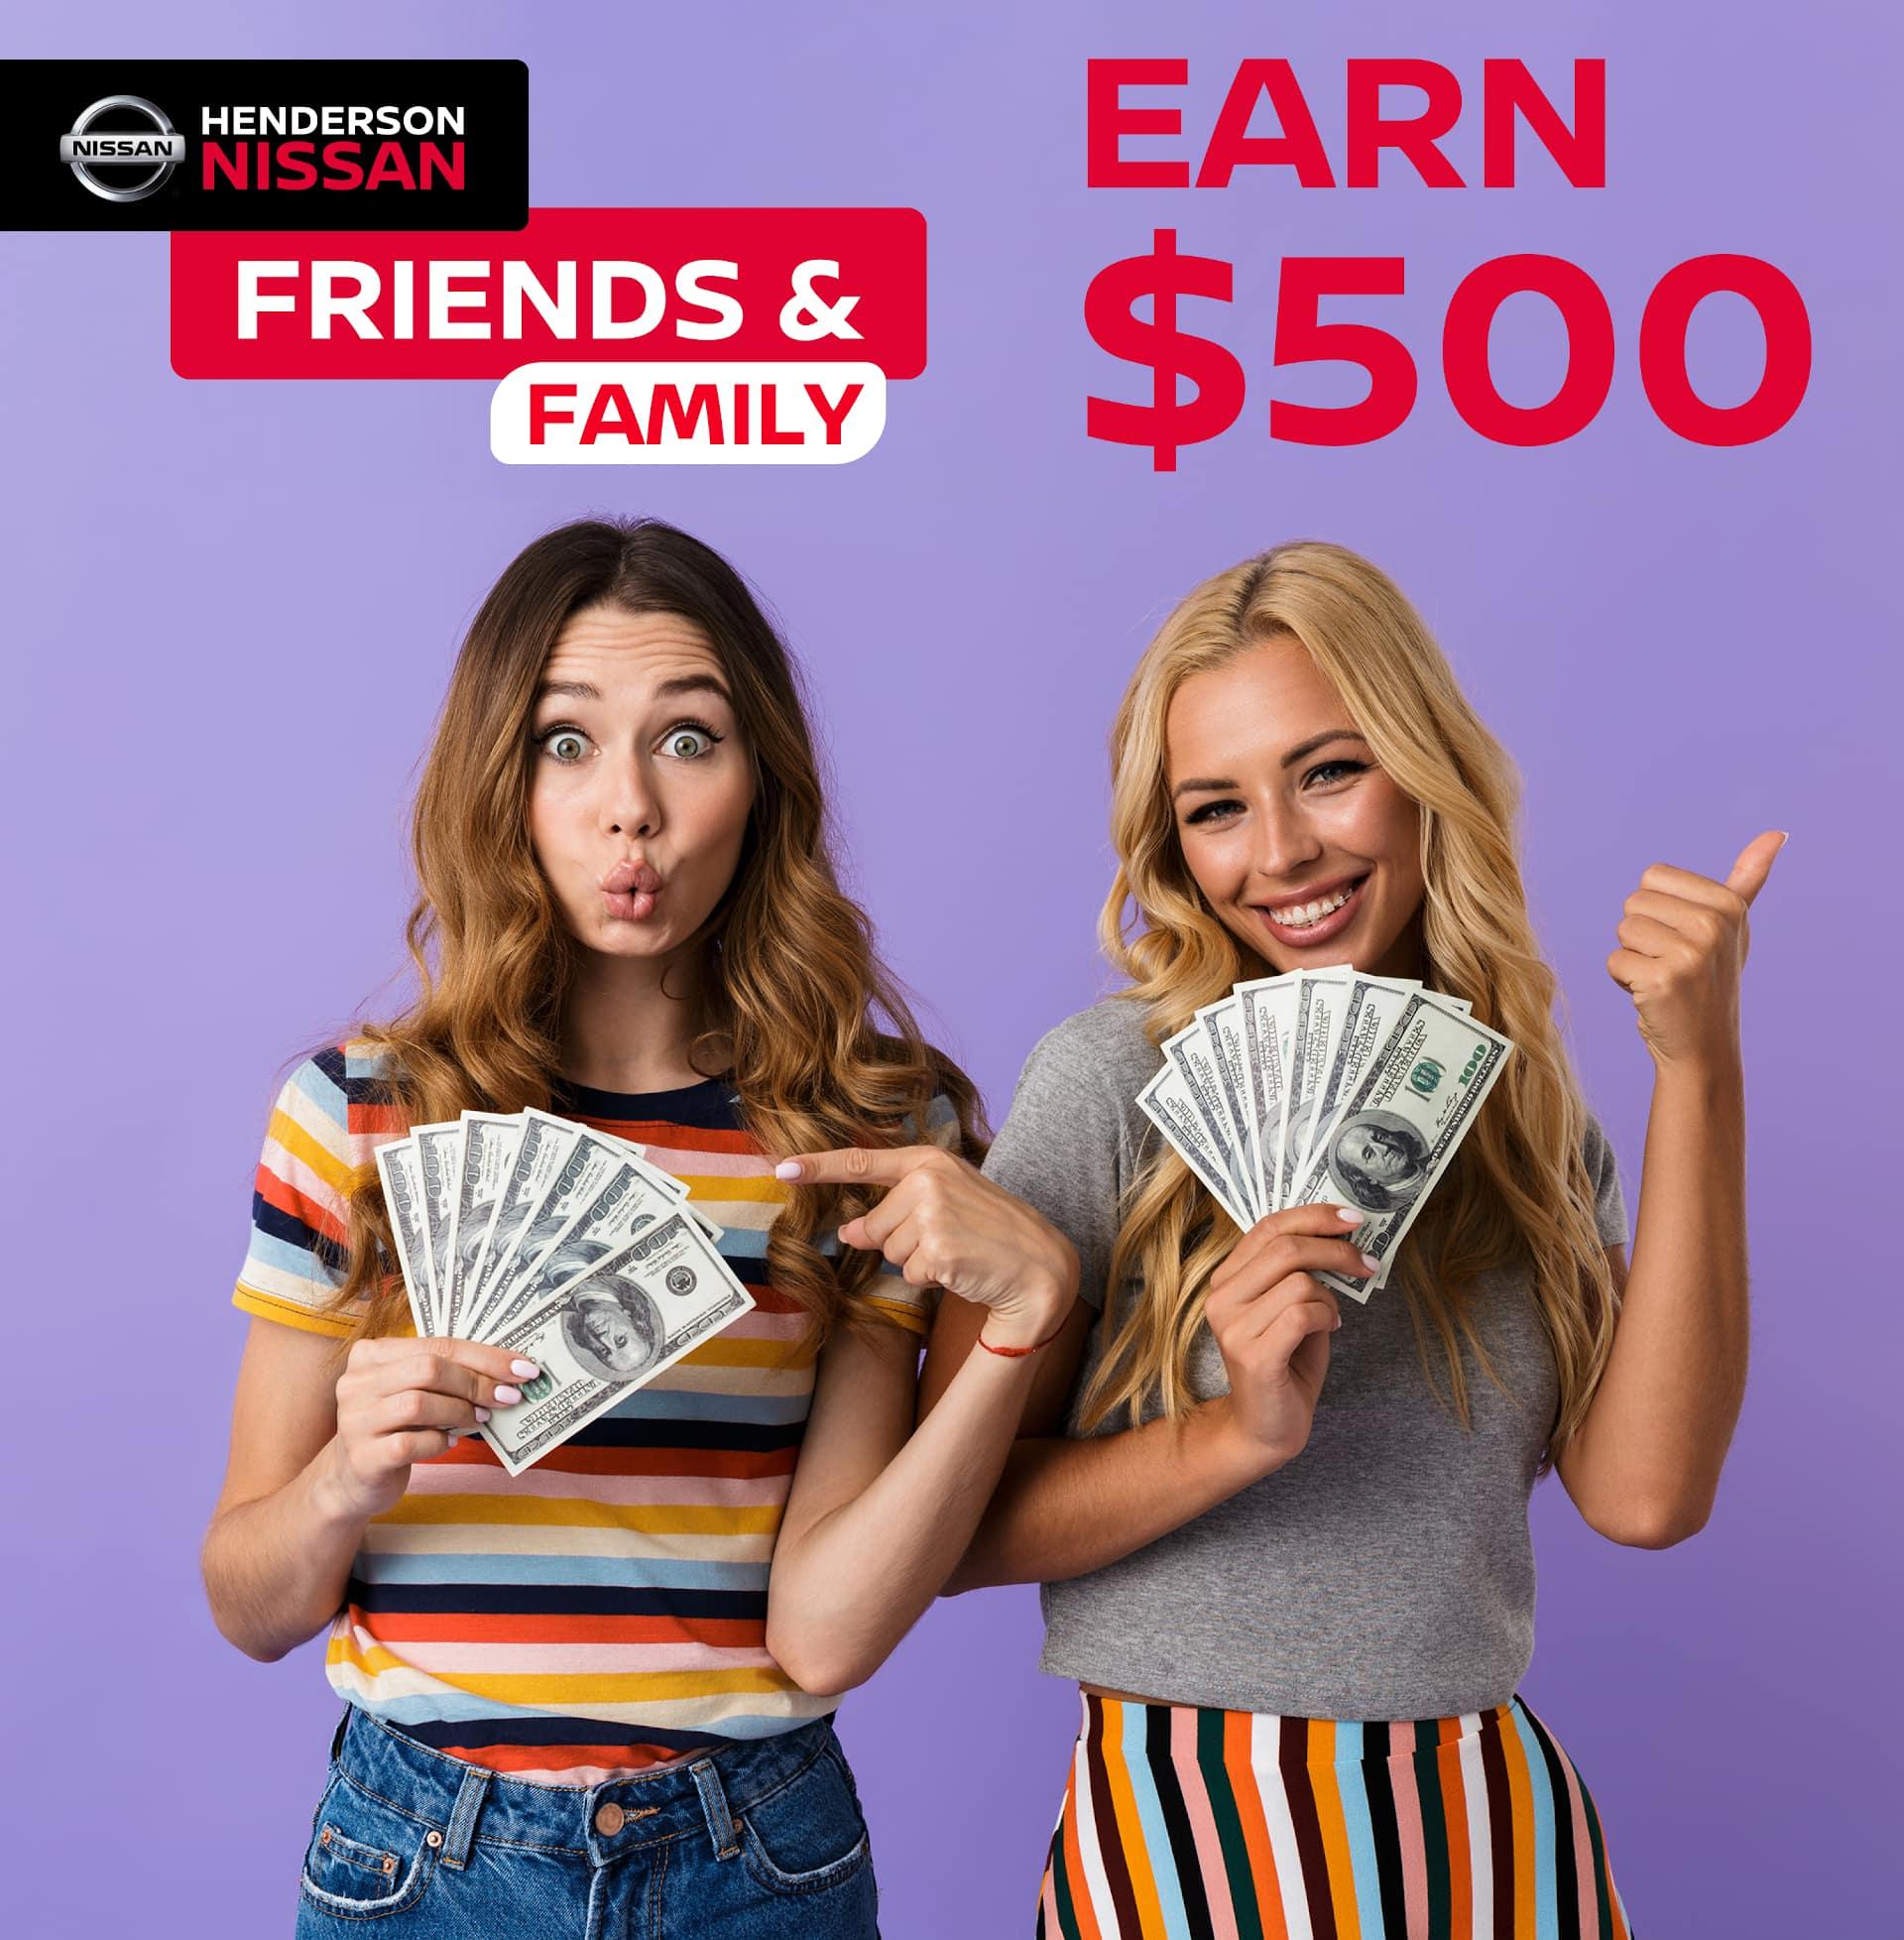 image-1-earn500